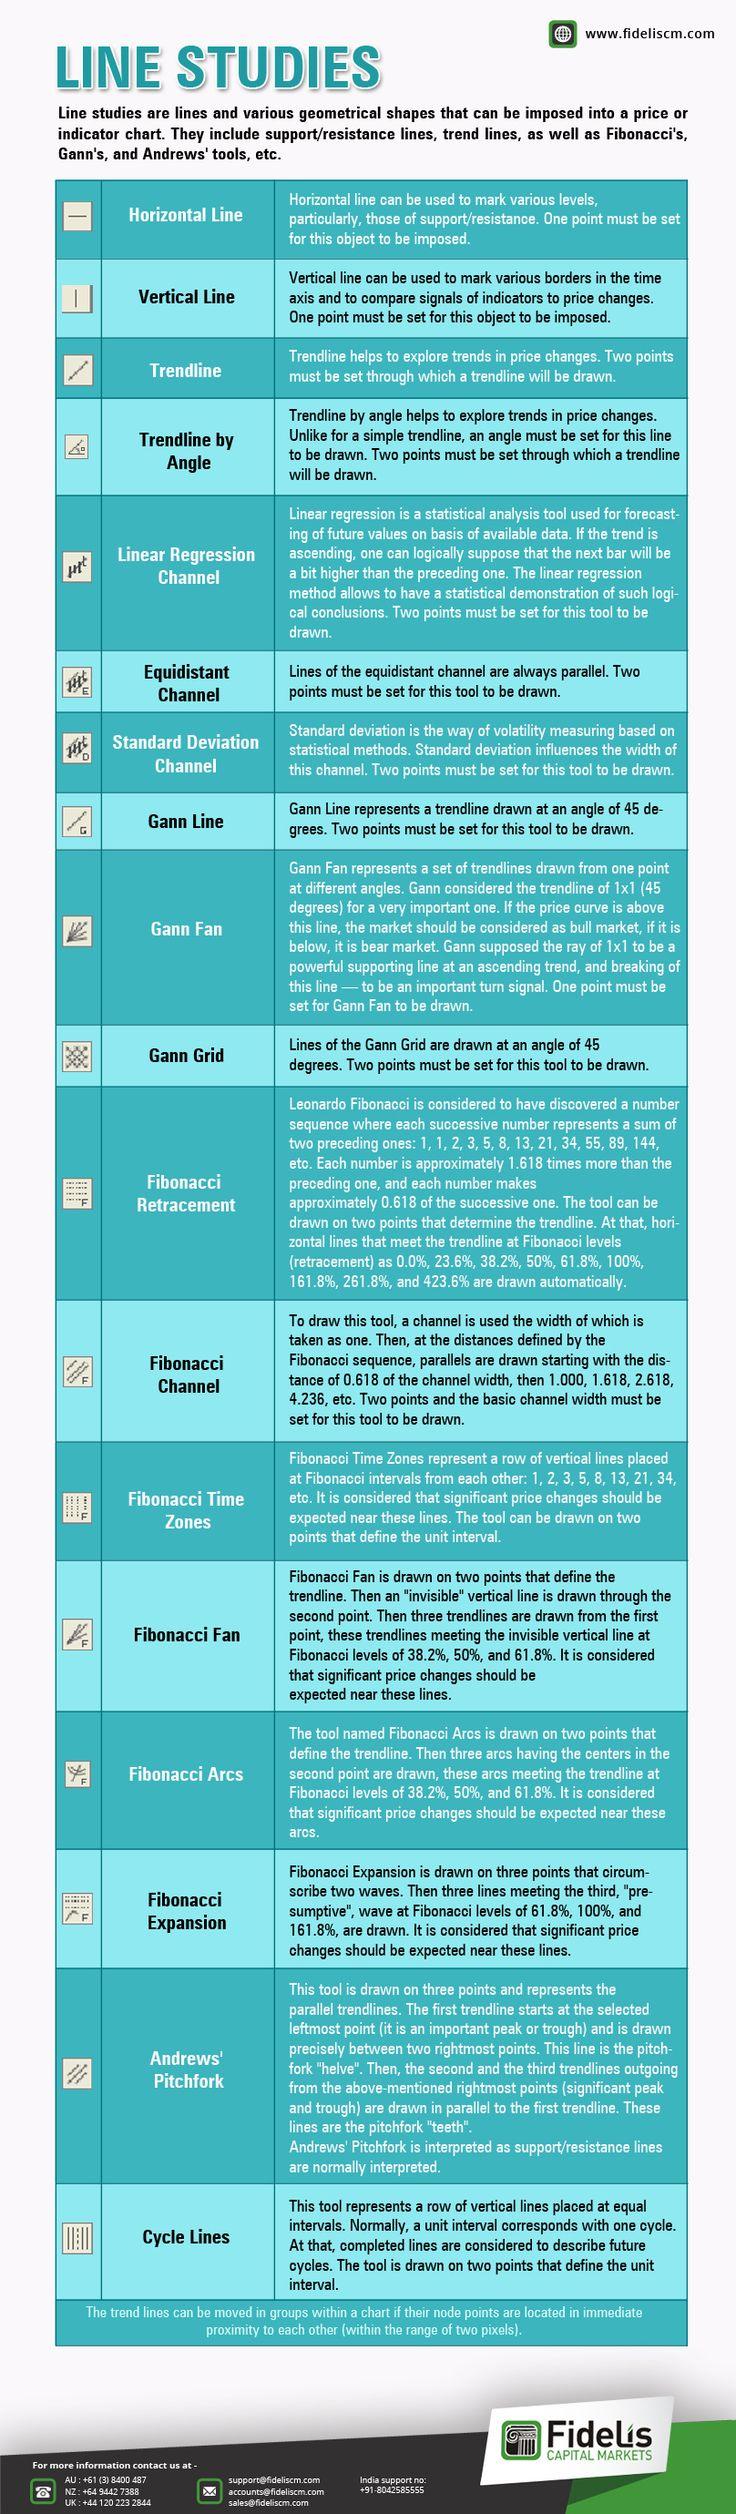 Metatrader 4 Gannline Forex Lernen